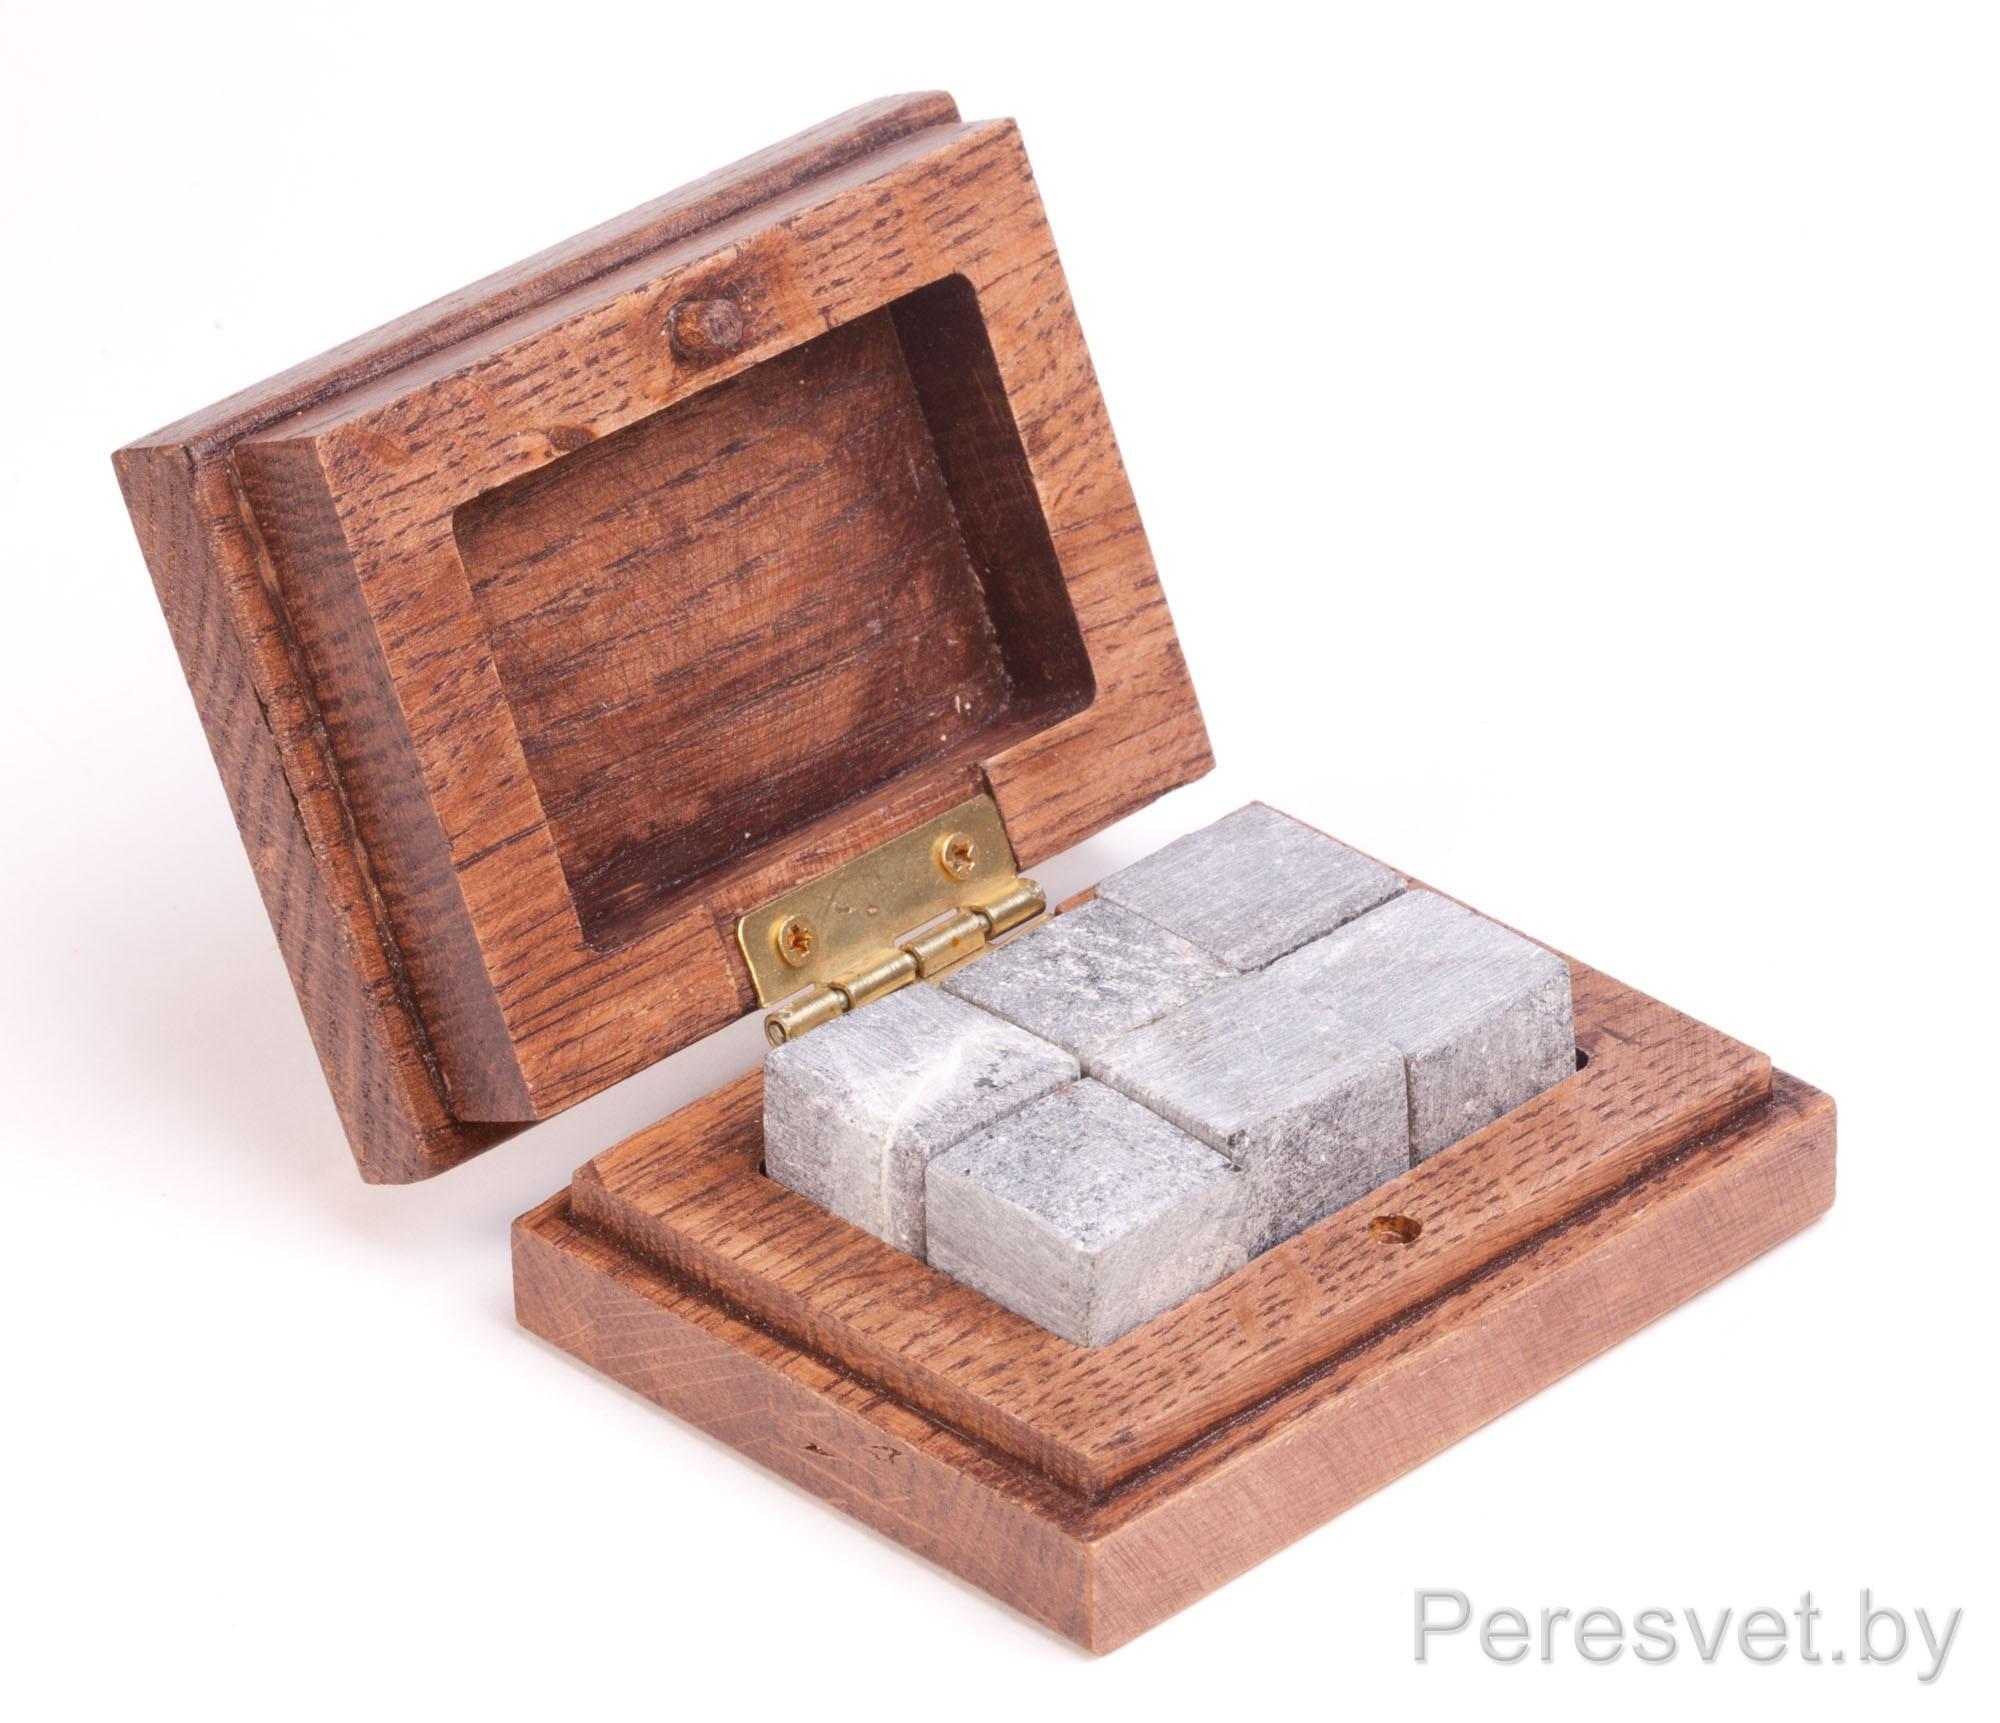 Кубики для охлаждения виски 6шт в Дубовой шкатулке Карельский ледник на peresvet.by